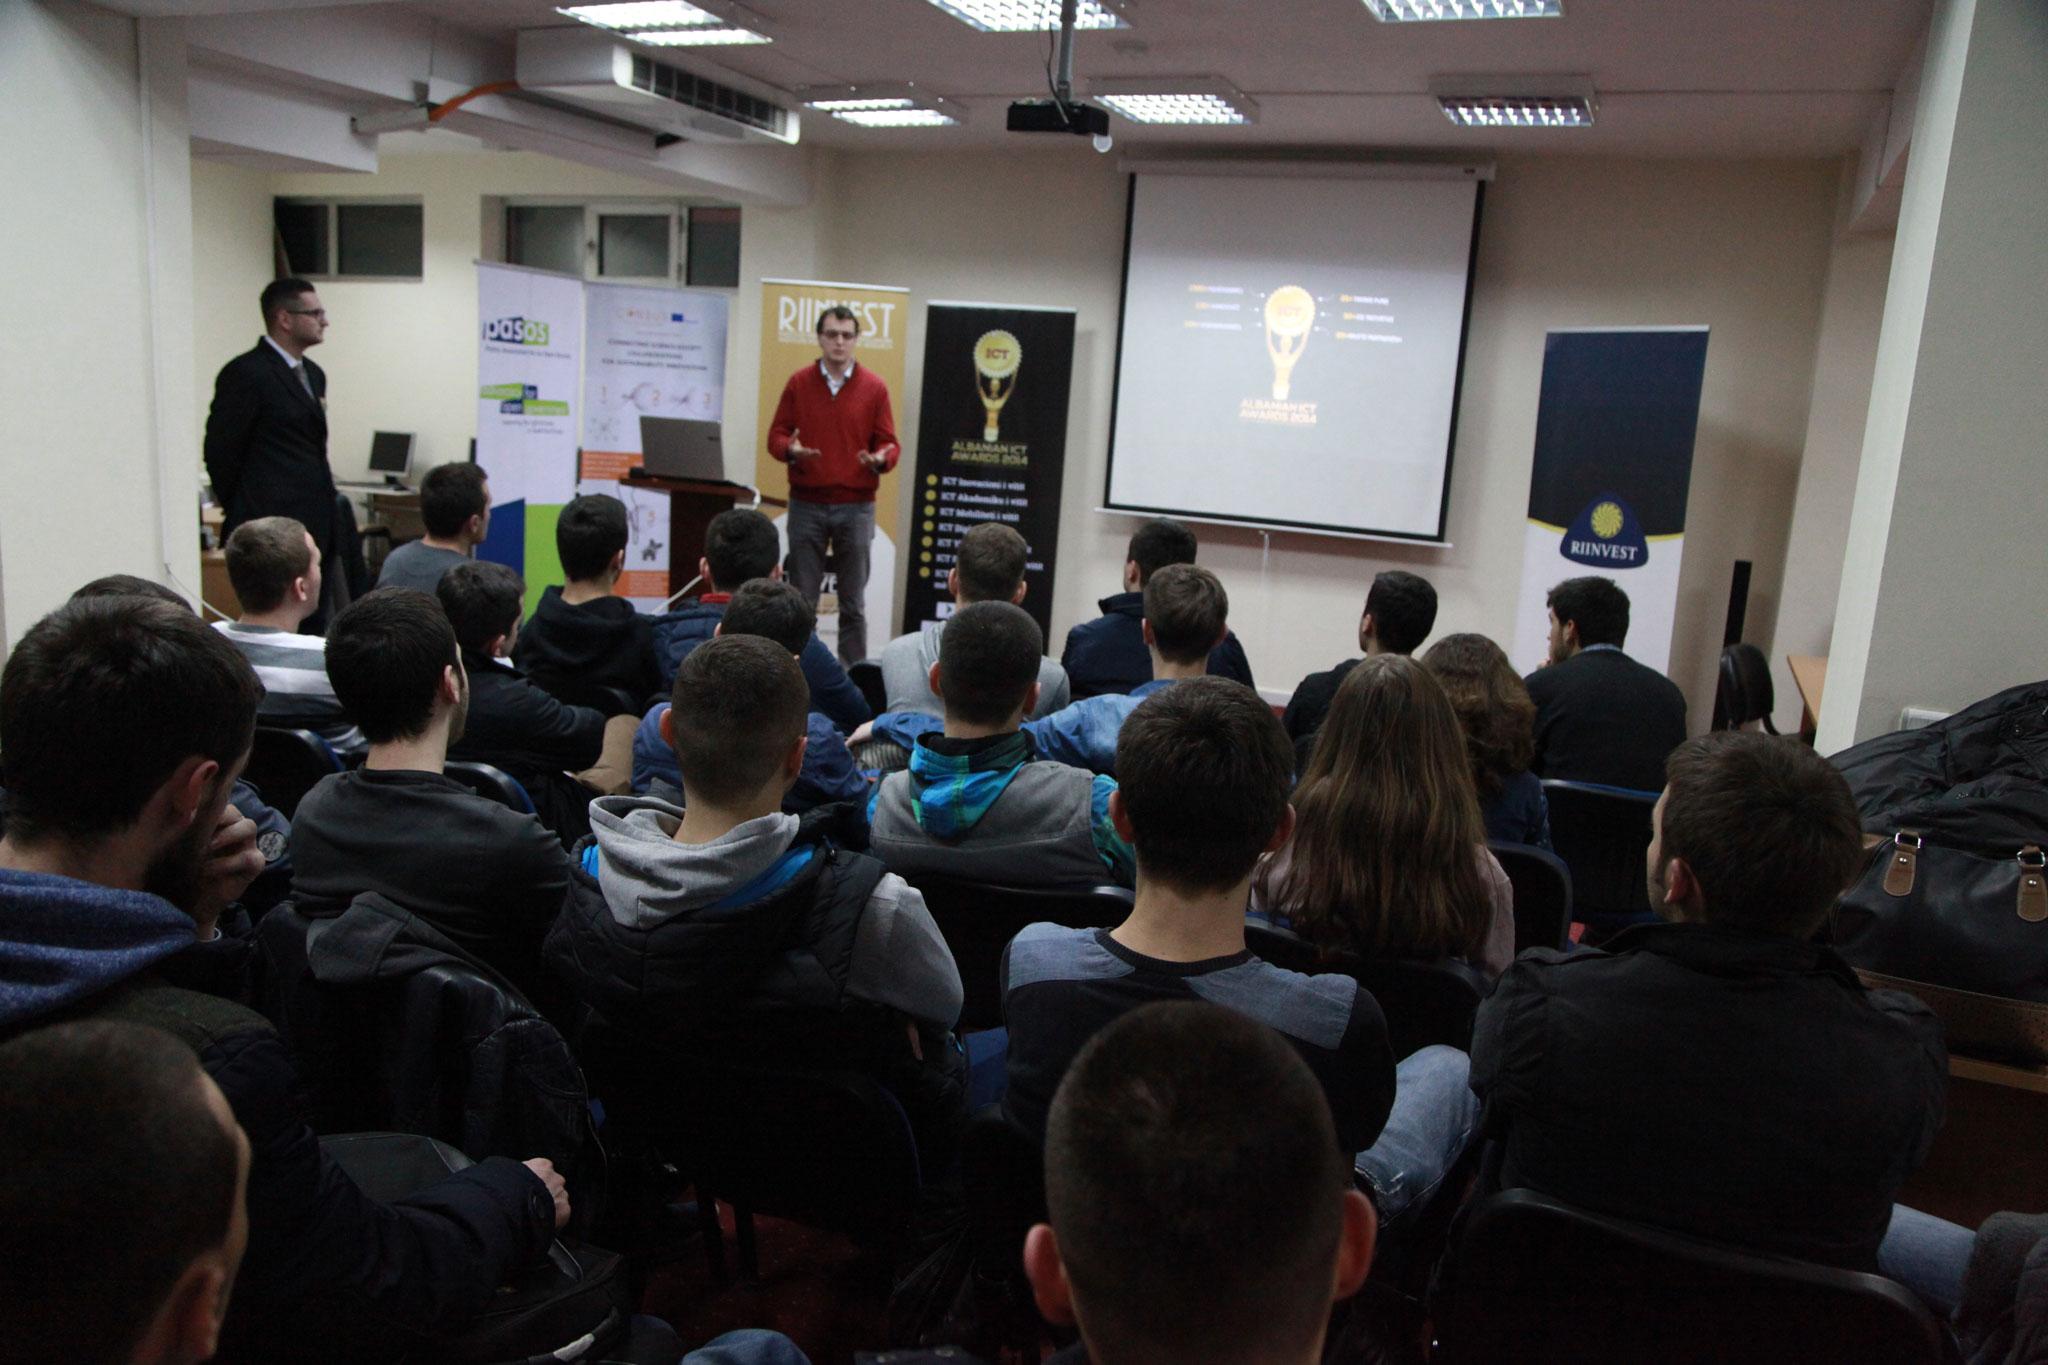 ICT Awards III zbarkon në Prishtinë para studenteve të Kolegjit RIINVEST, javën e ardhshme në Tiranë